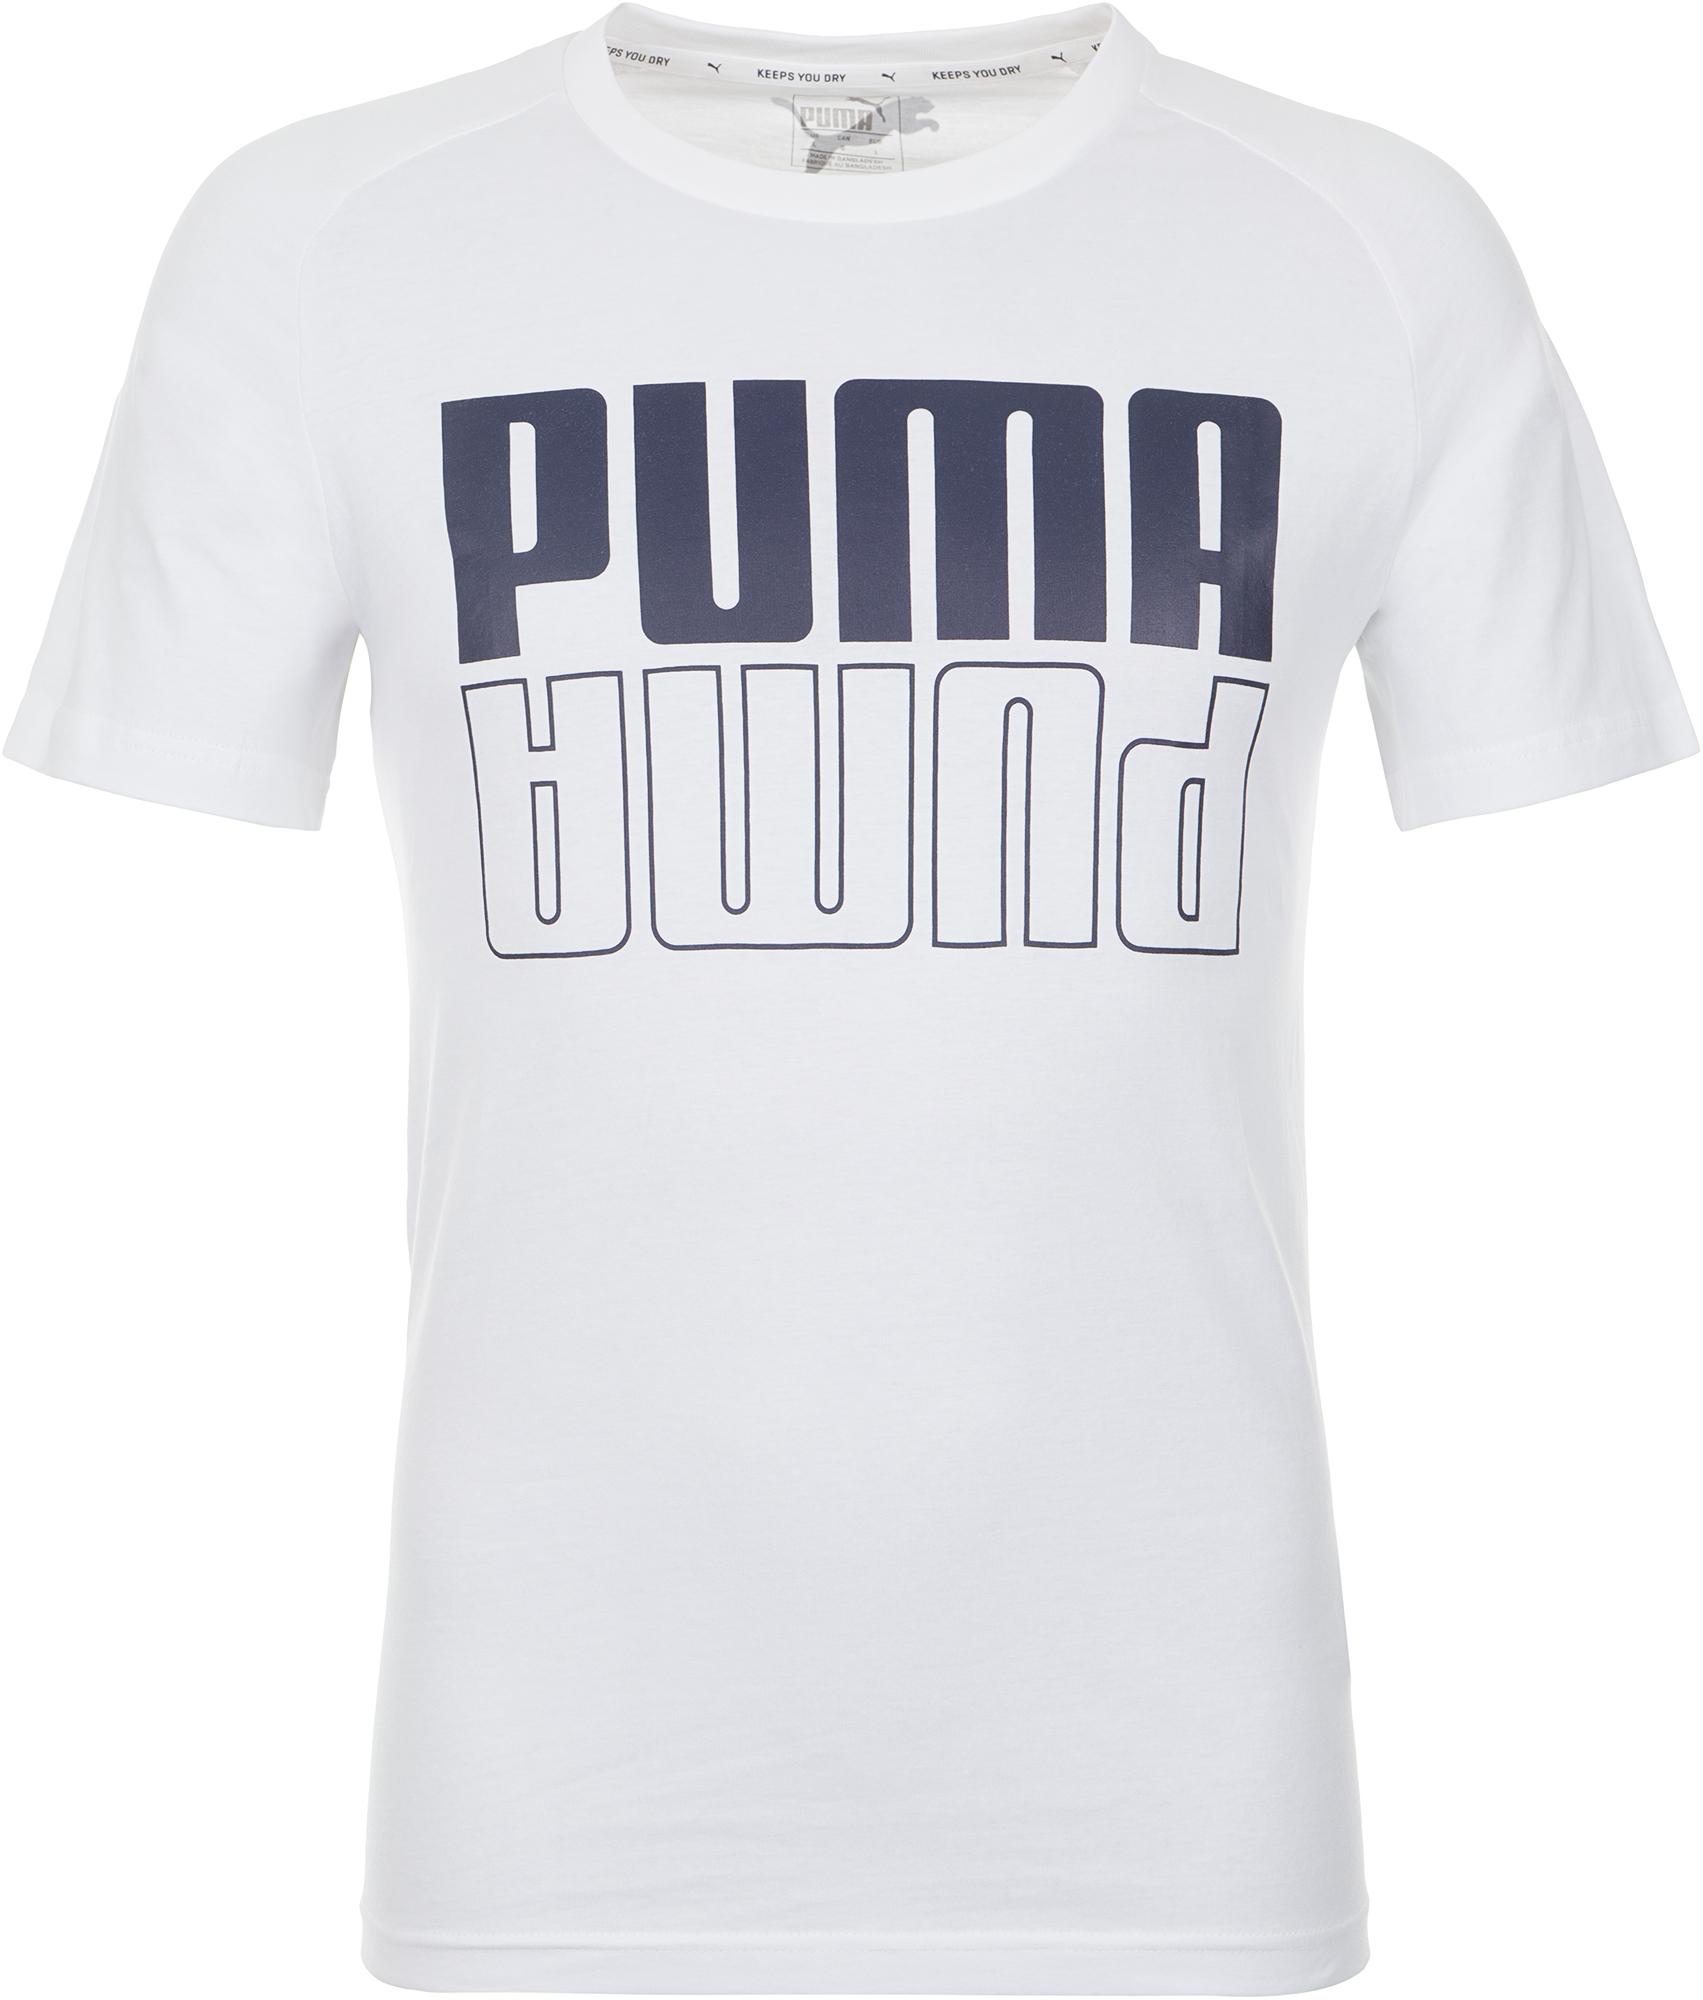 Puma Футболка мужская Modern, размер 50-52